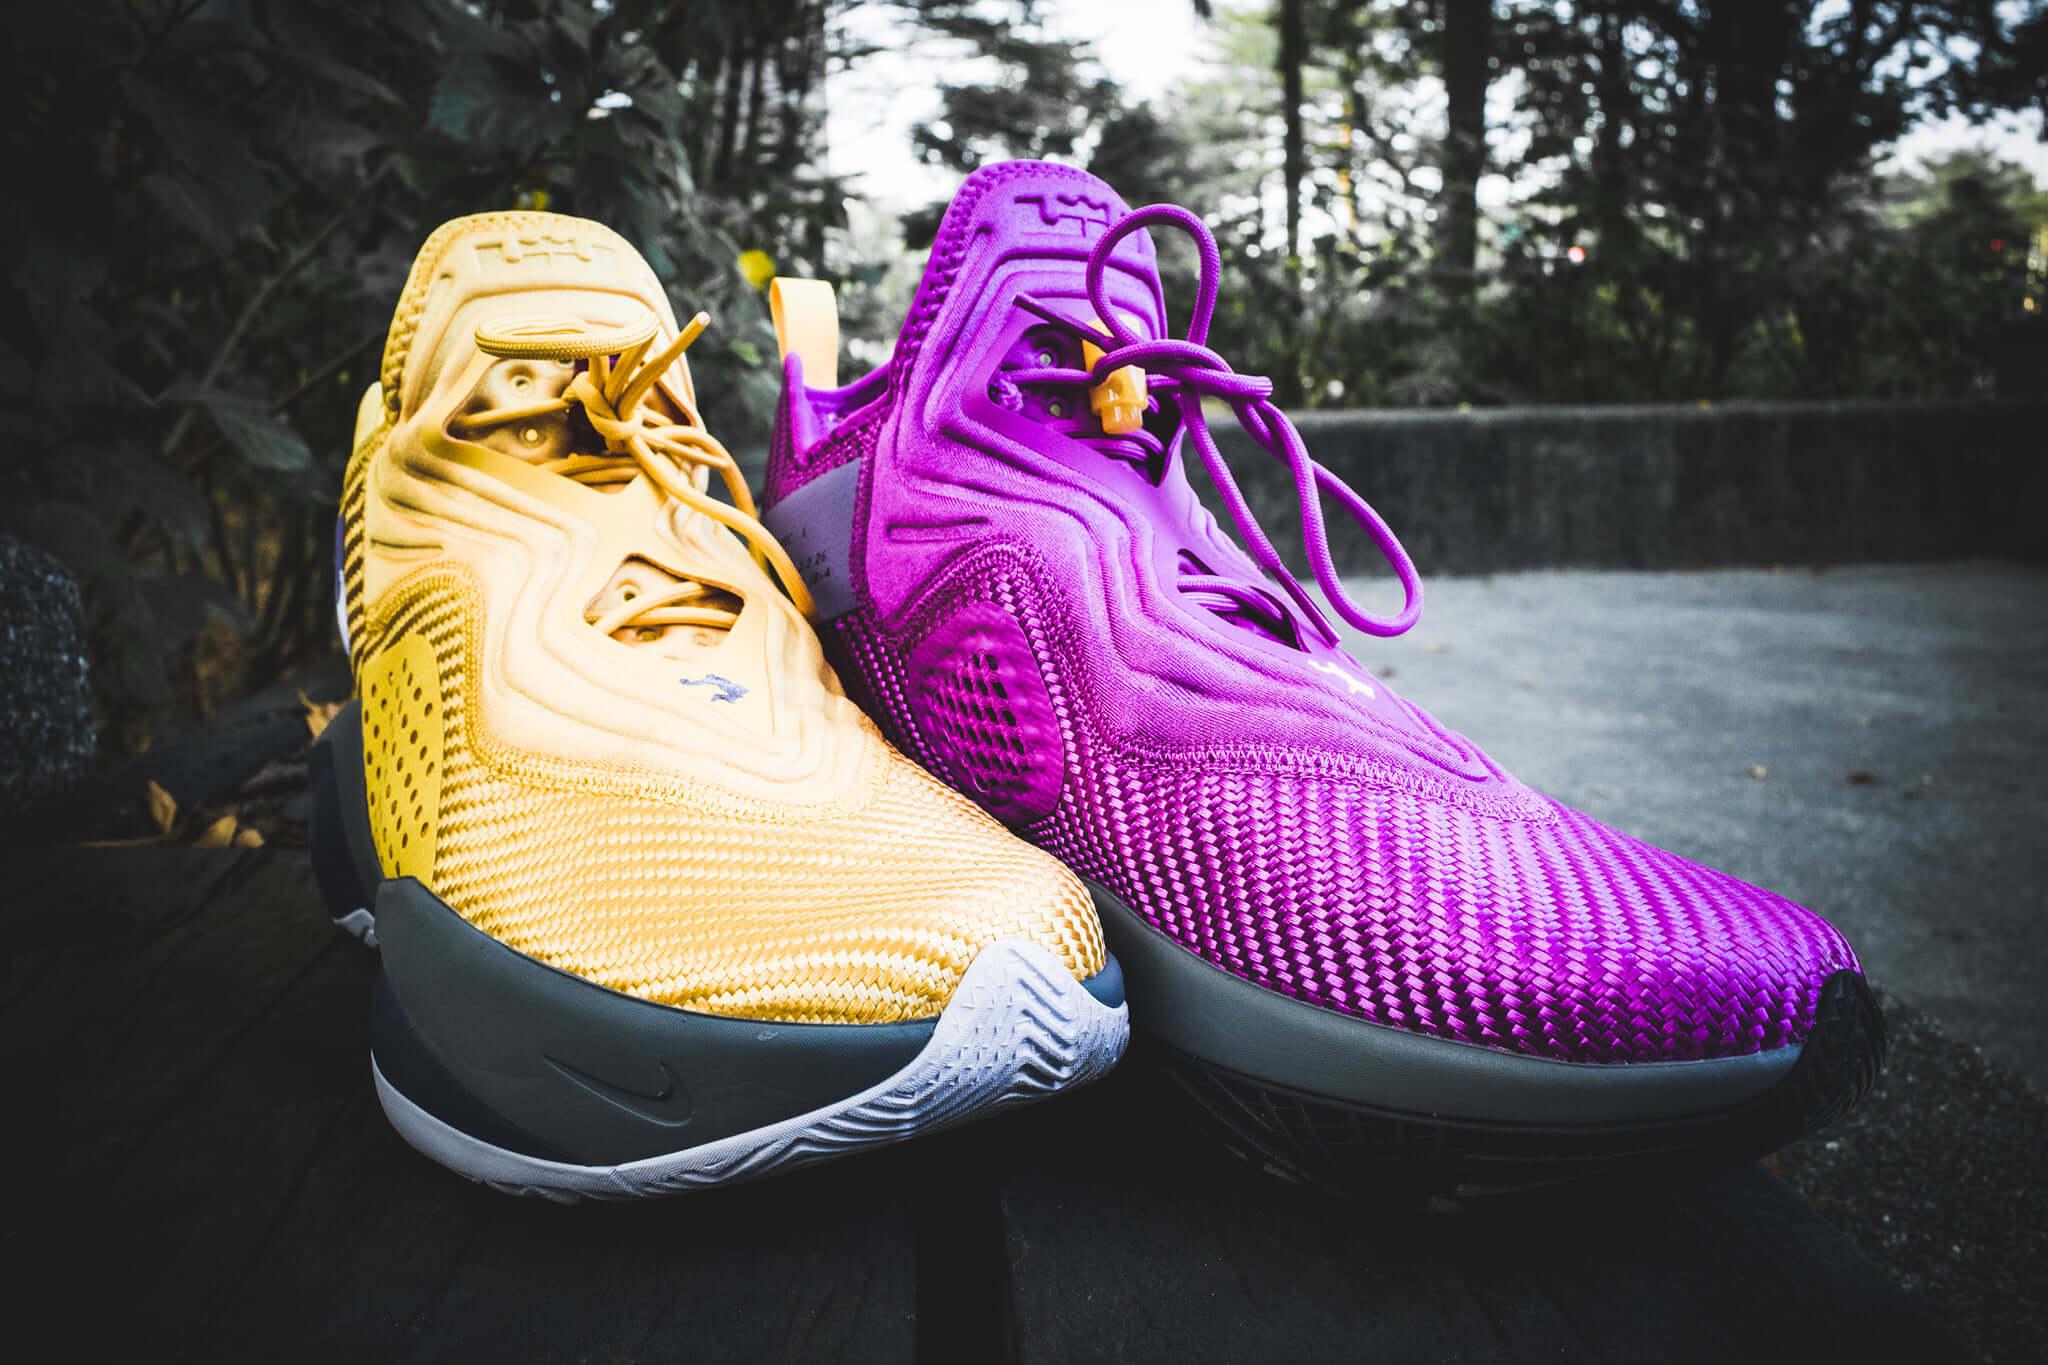 tsai-Nike LeBron Soldier 14 Lakers (15) – KENLU.net